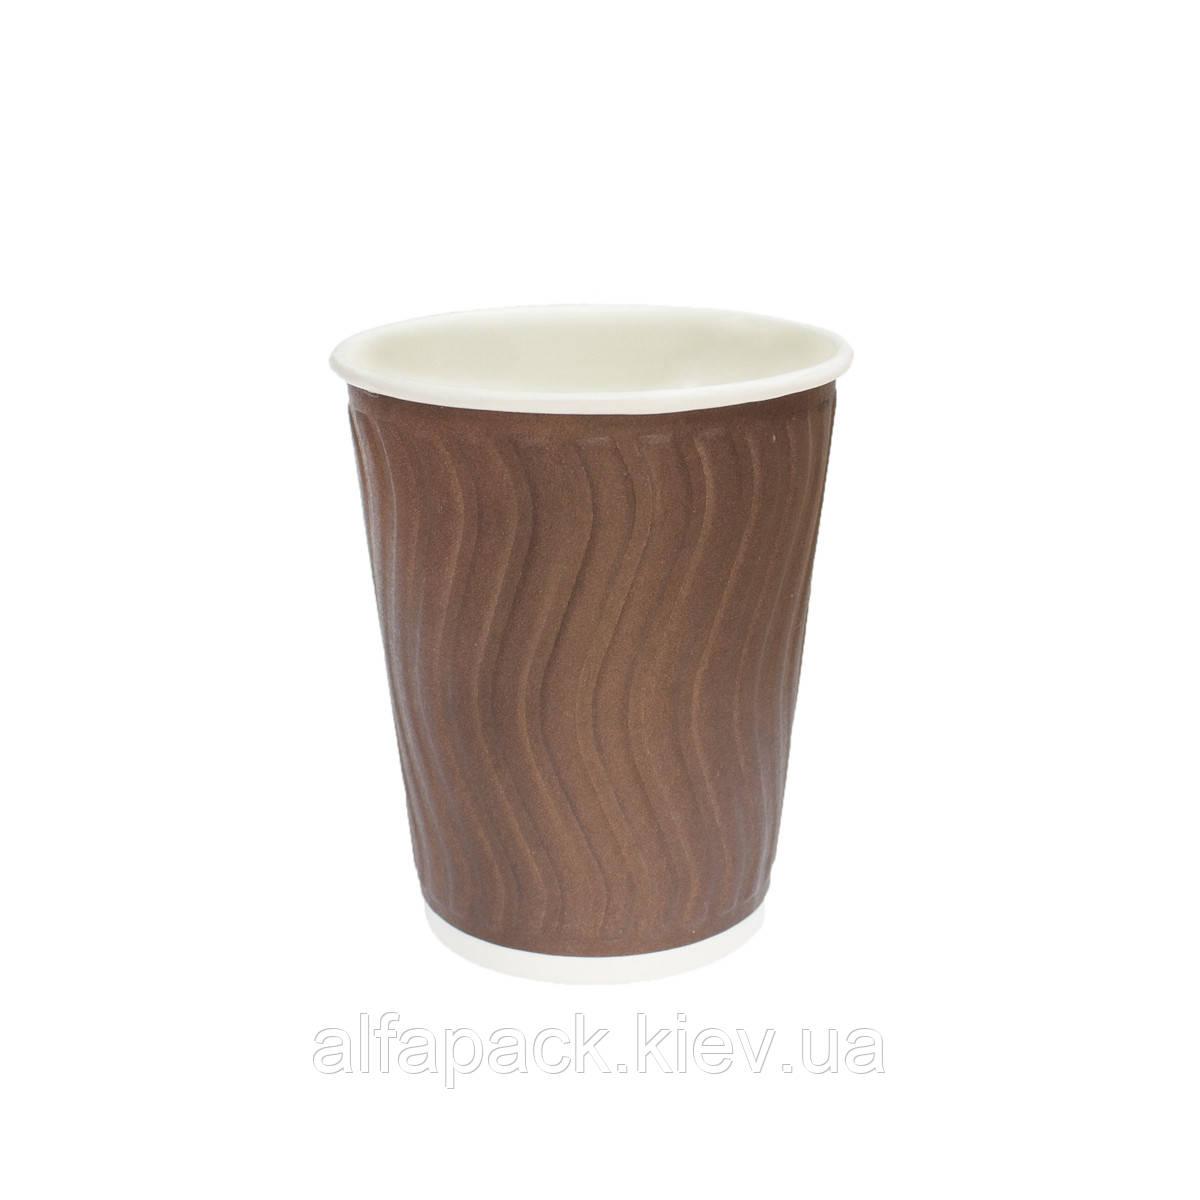 Гофрированный стакан волна коричневый 250 мл